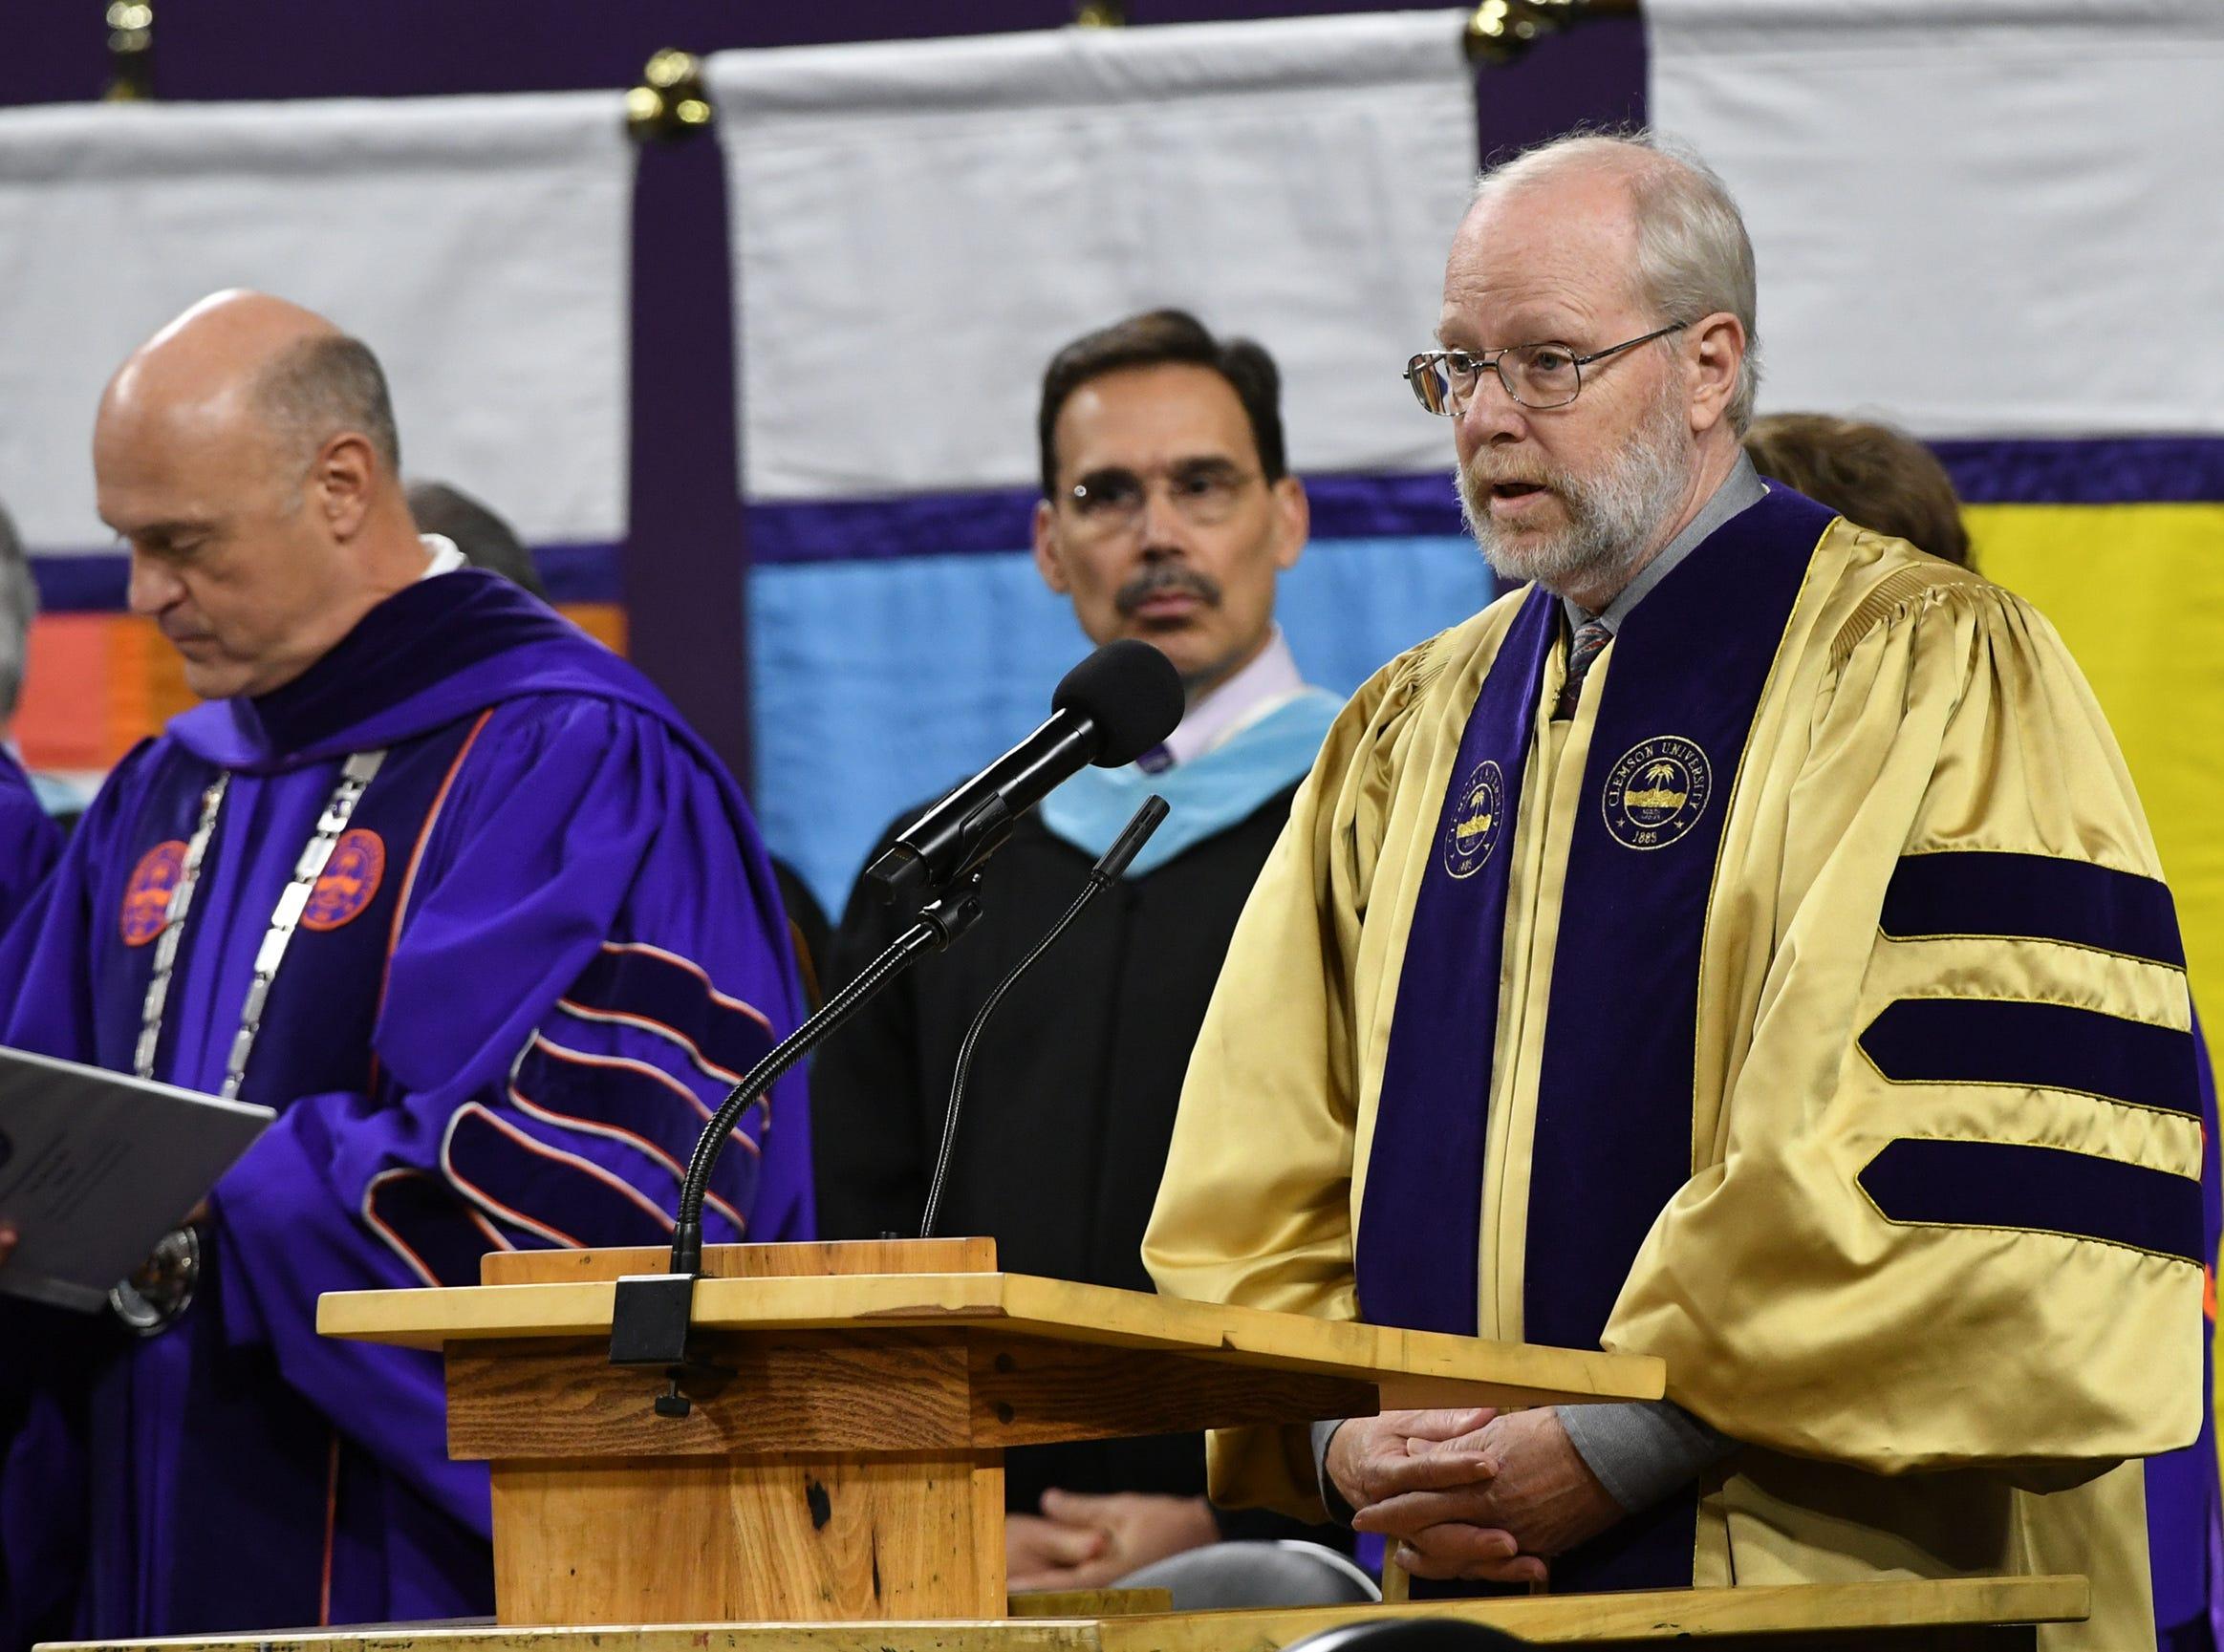 Dr. Benjamin R. Stephens, University Marshal, speaks during Clemson University commencement ceremonies in Littlejohn Coliseum in Clemson Friday, May 10, 2019.